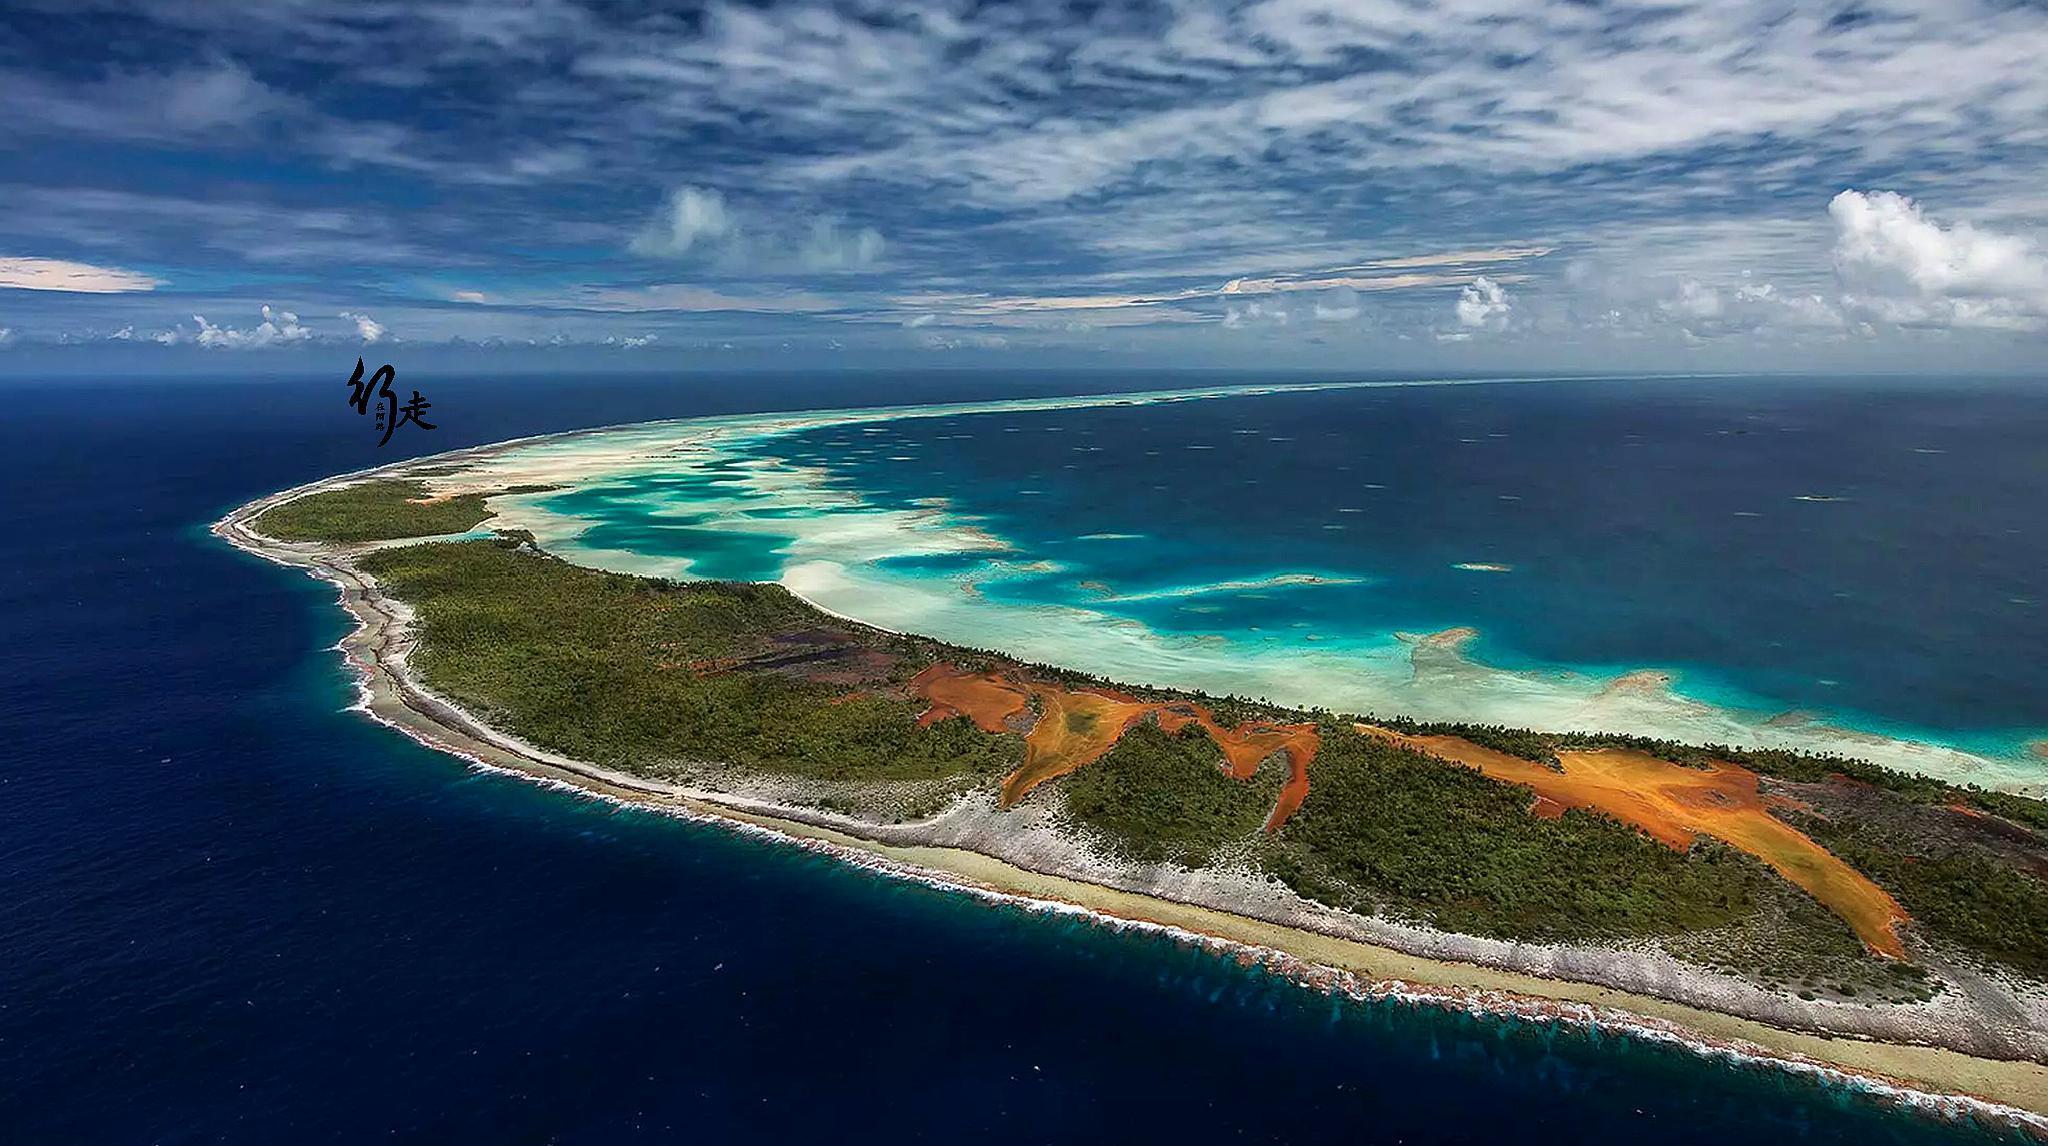 地球上最安全的海岛:没有水、电和网络,警察20多年没事干